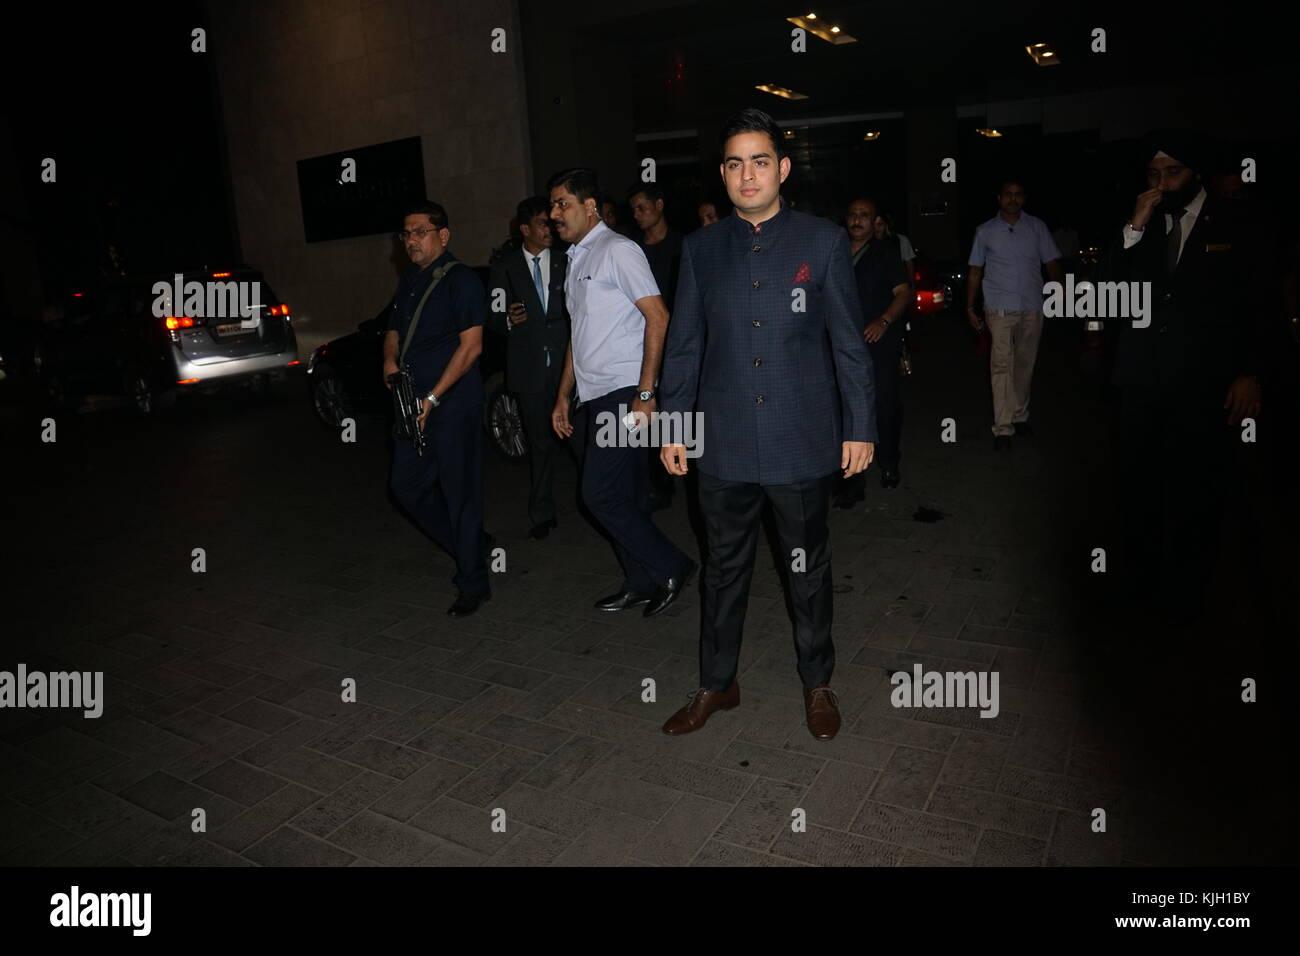 Mumbai, India. 23rd Nov, 2017. India Businessman Mukesh Ambani's son Akash ambani attend Indian cricket former - Stock Image